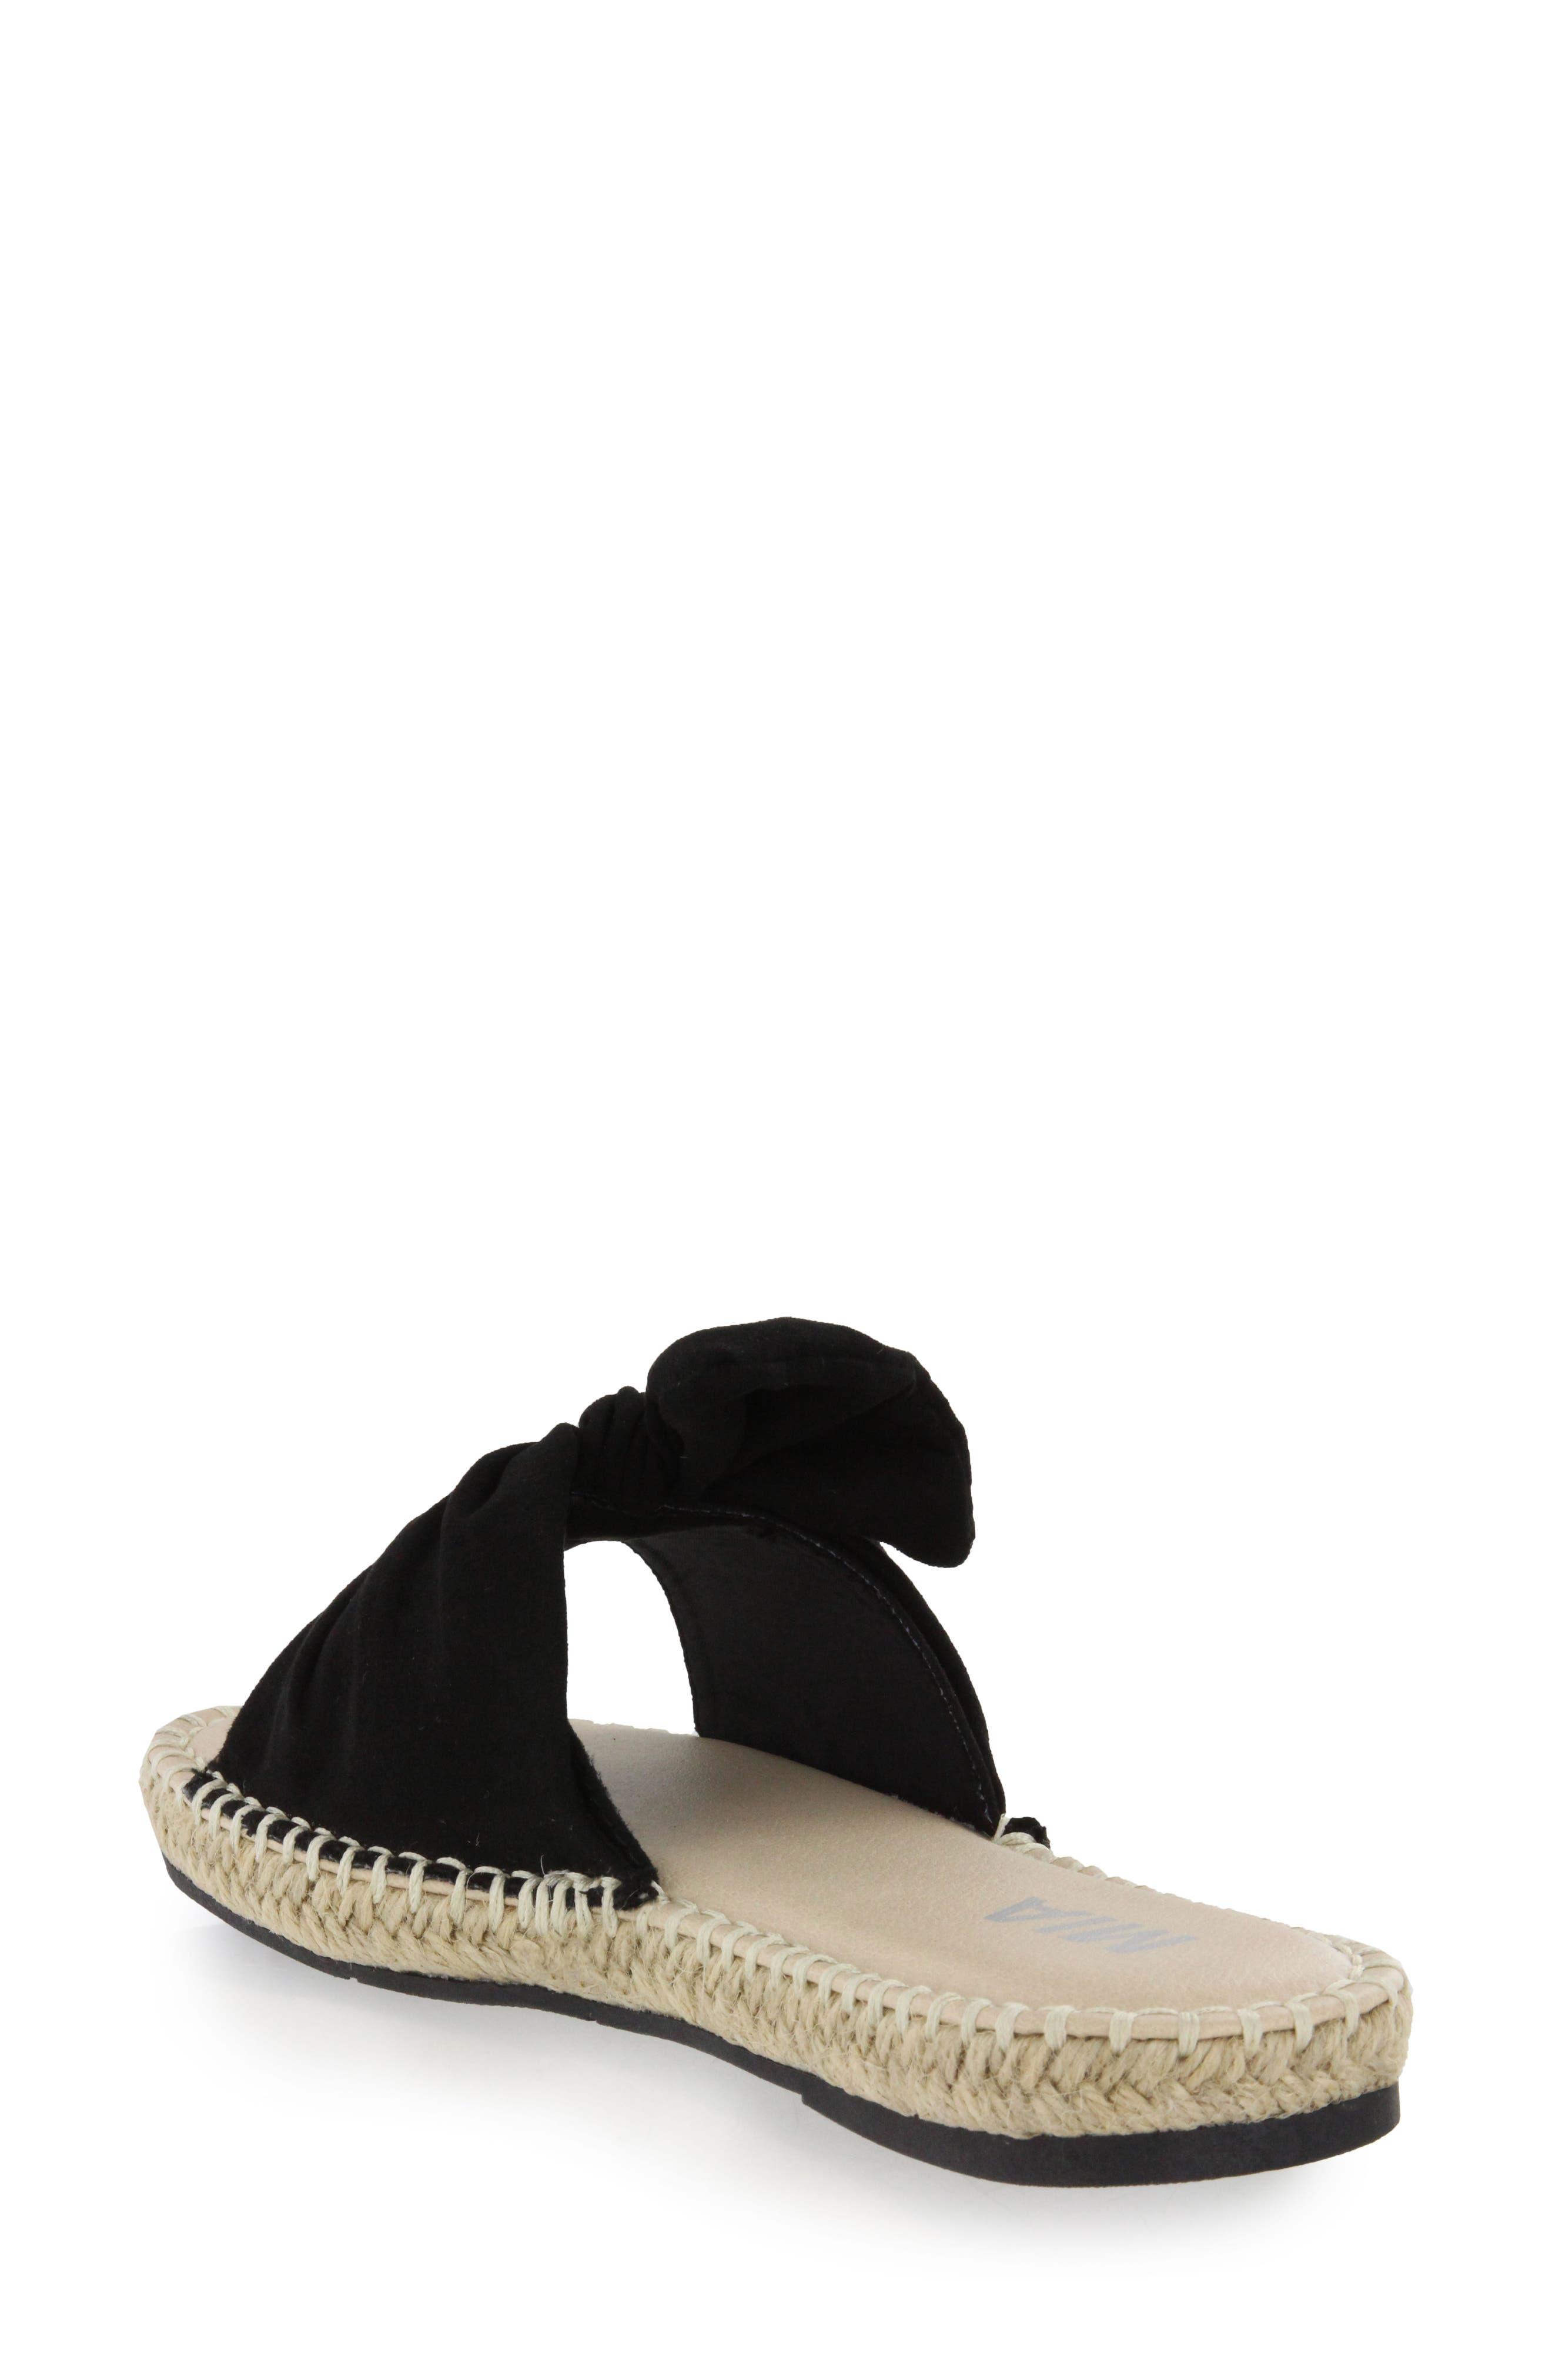 Kensi Knotted Slide Sandal,                             Alternate thumbnail 2, color,                             Black Nova Suede